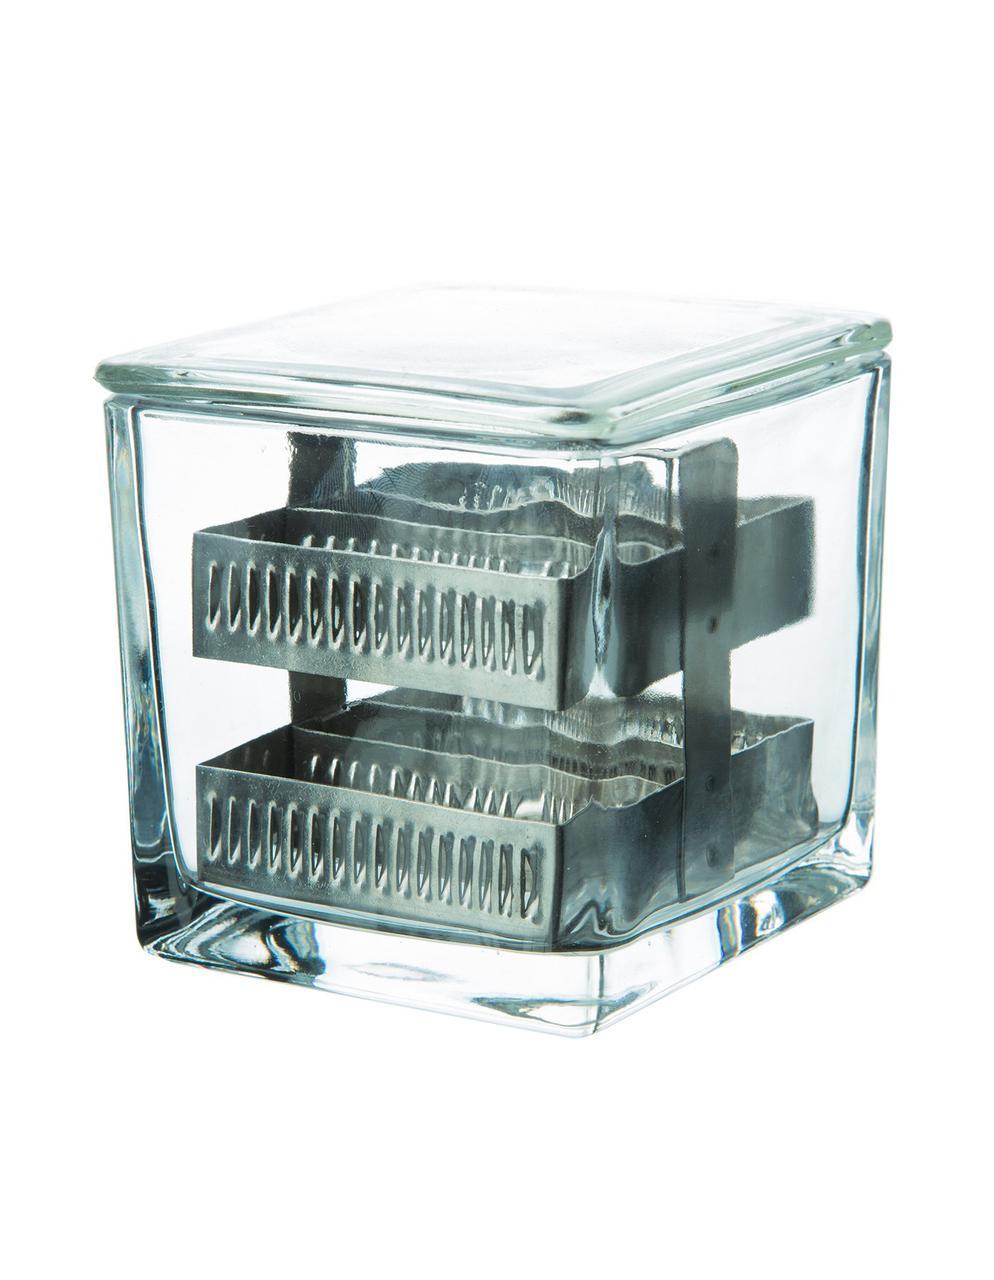 Емкость для окраски препартов стеклянная   75*68*85 мм,  на 30 стекол 12001402